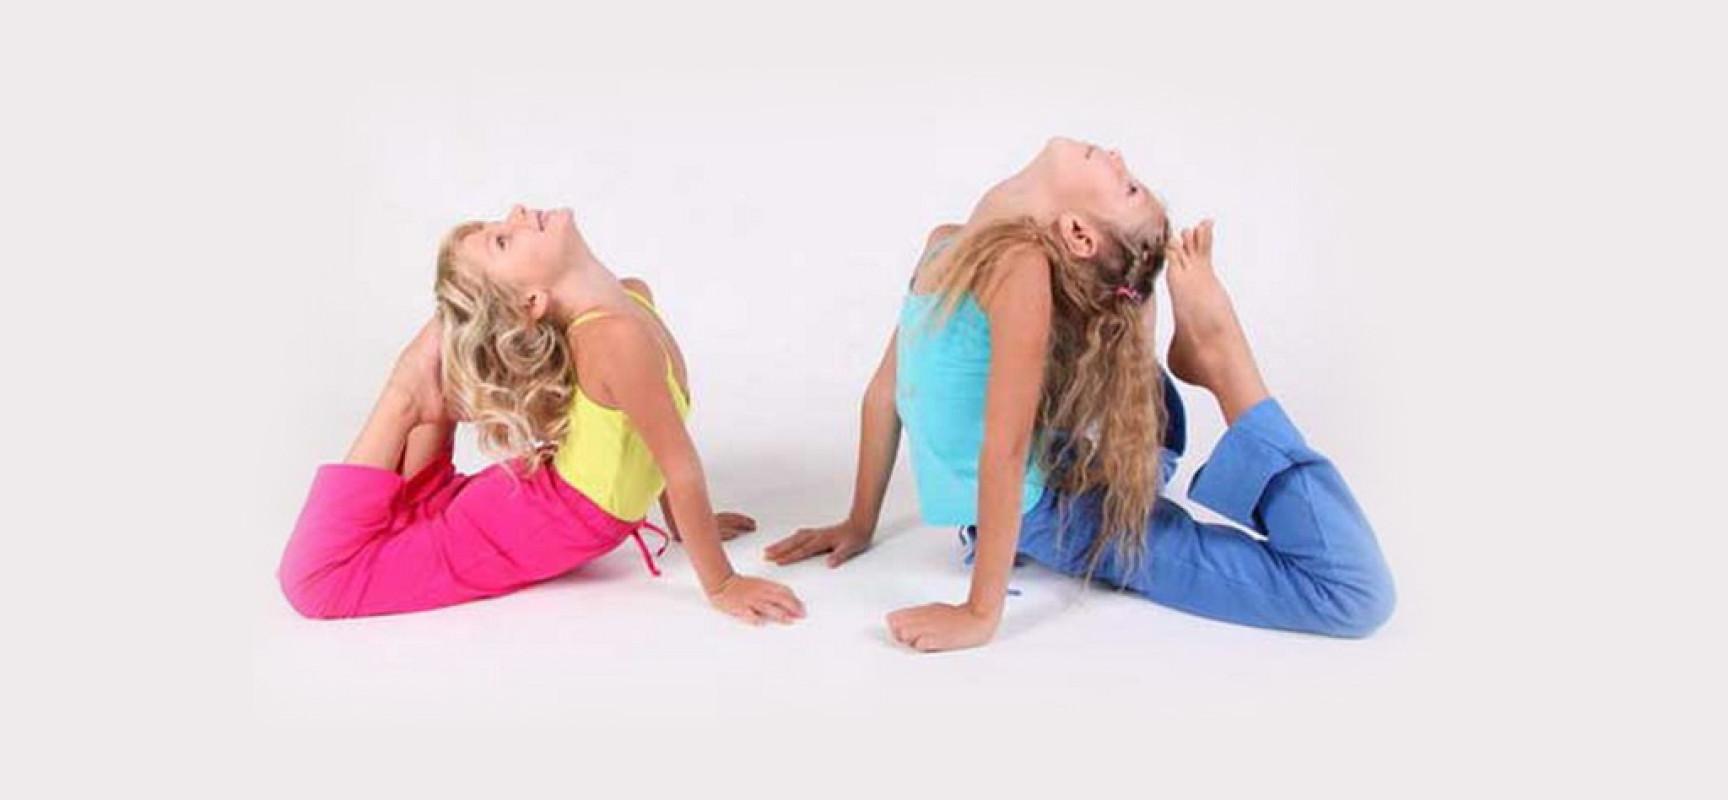 Упражнения для детей 2 лет Компетентно о здоровье на iLive